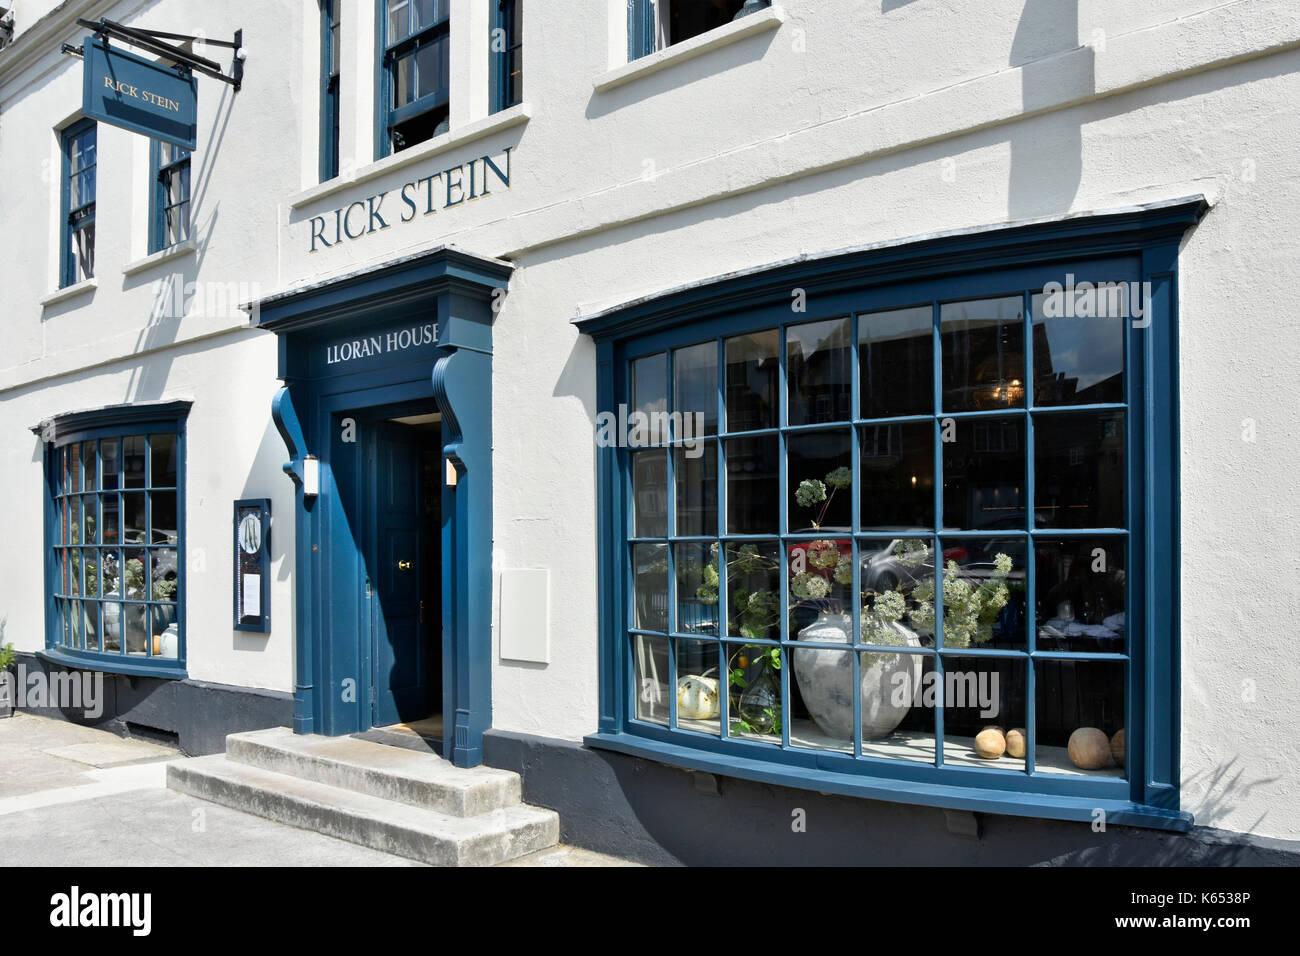 Rick Stein Fisch und Meeresfrüchte Restaurant vordere Höhe und Erkerfenster mit Eingang in der High Street Marlborough Wiltshire England Großbritannien Stockbild